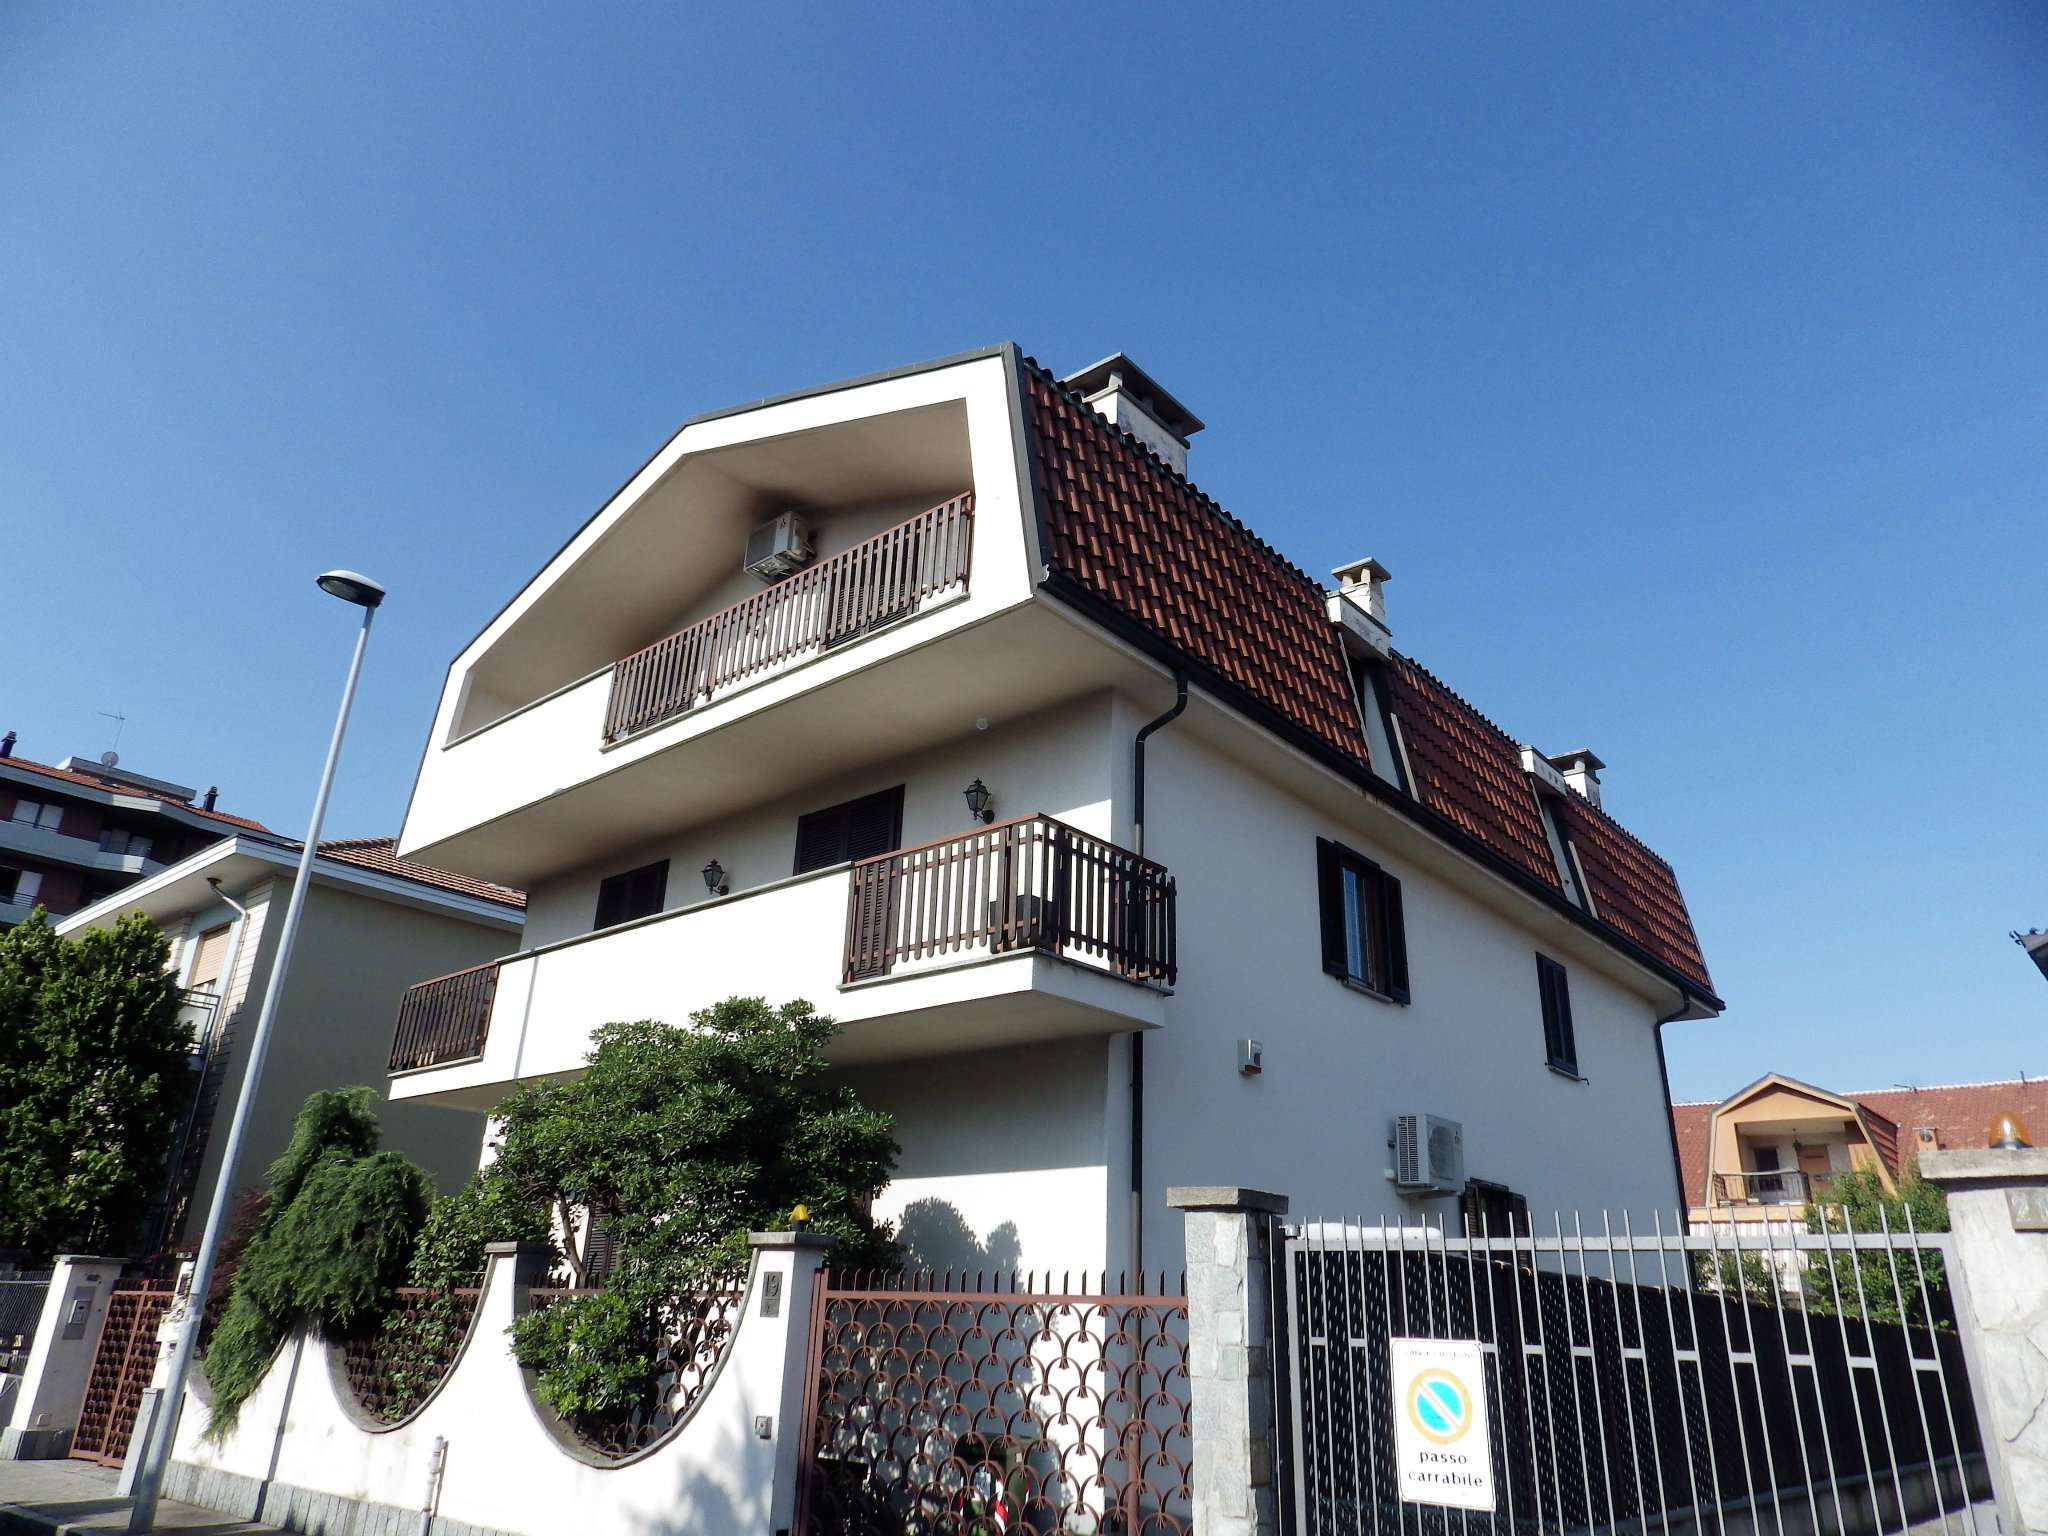 Villetta a Schiera in vendita * Via Almese 19 Collegno